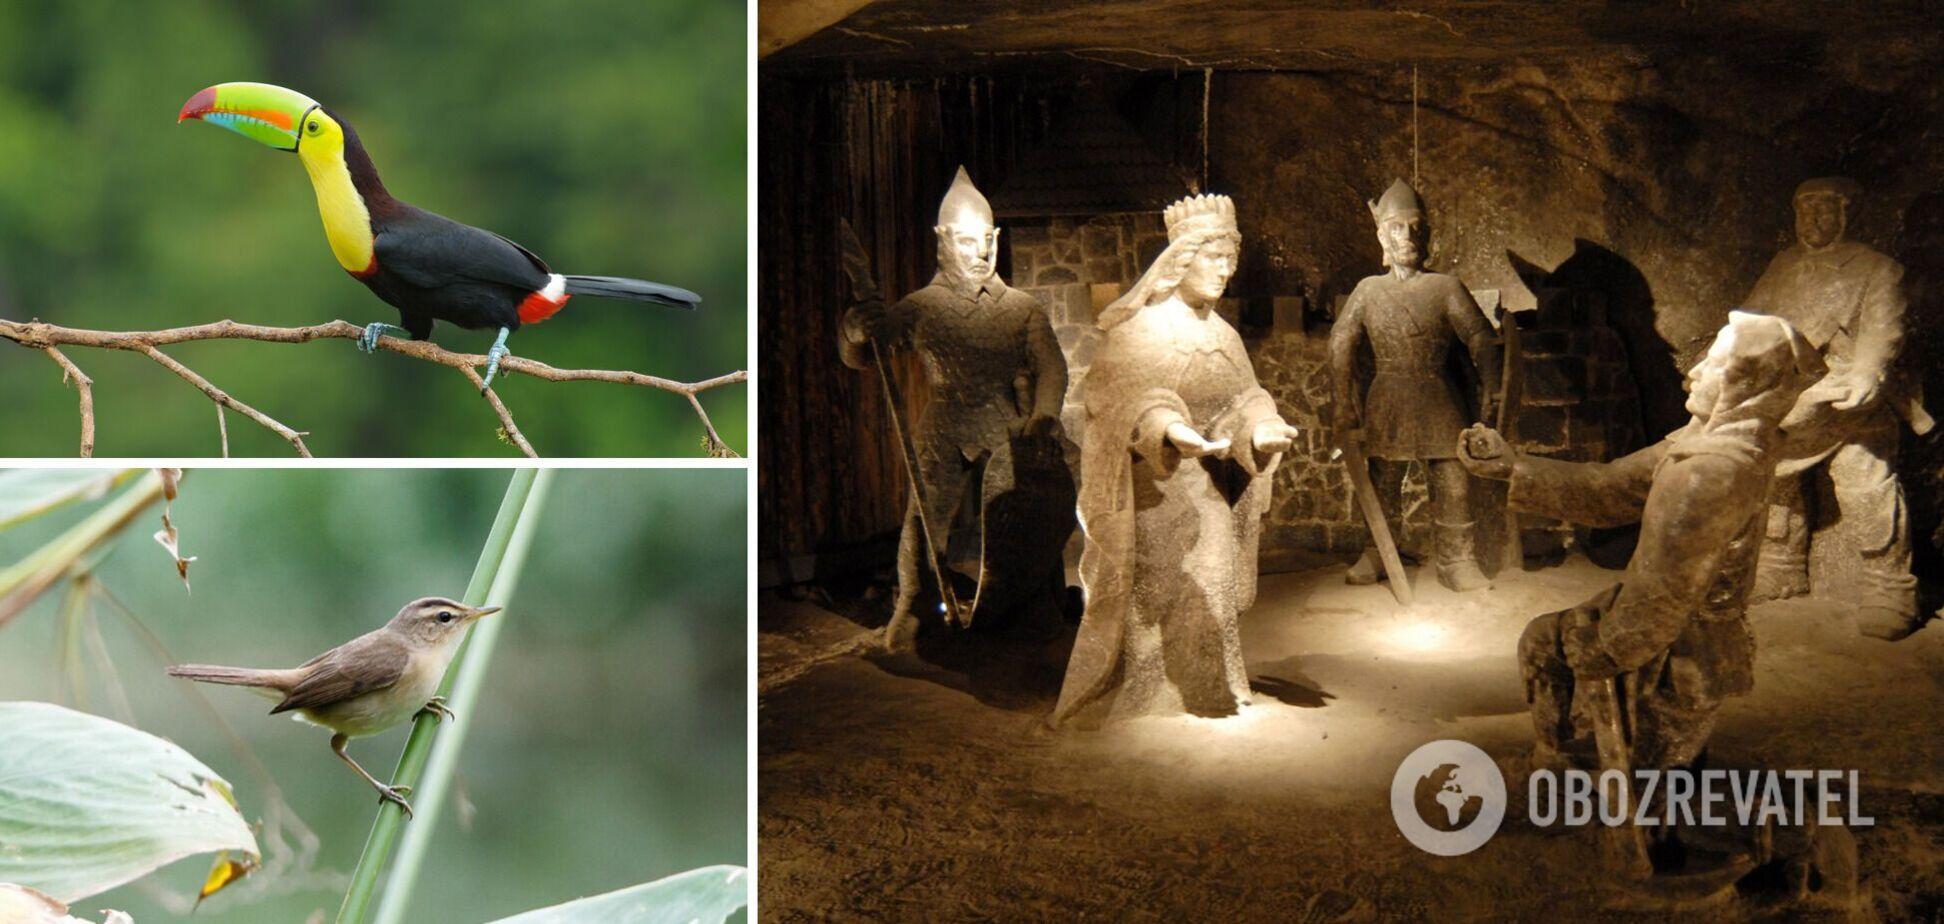 Містична соляна шахта, рідкісні тварини та інші цікаві факти